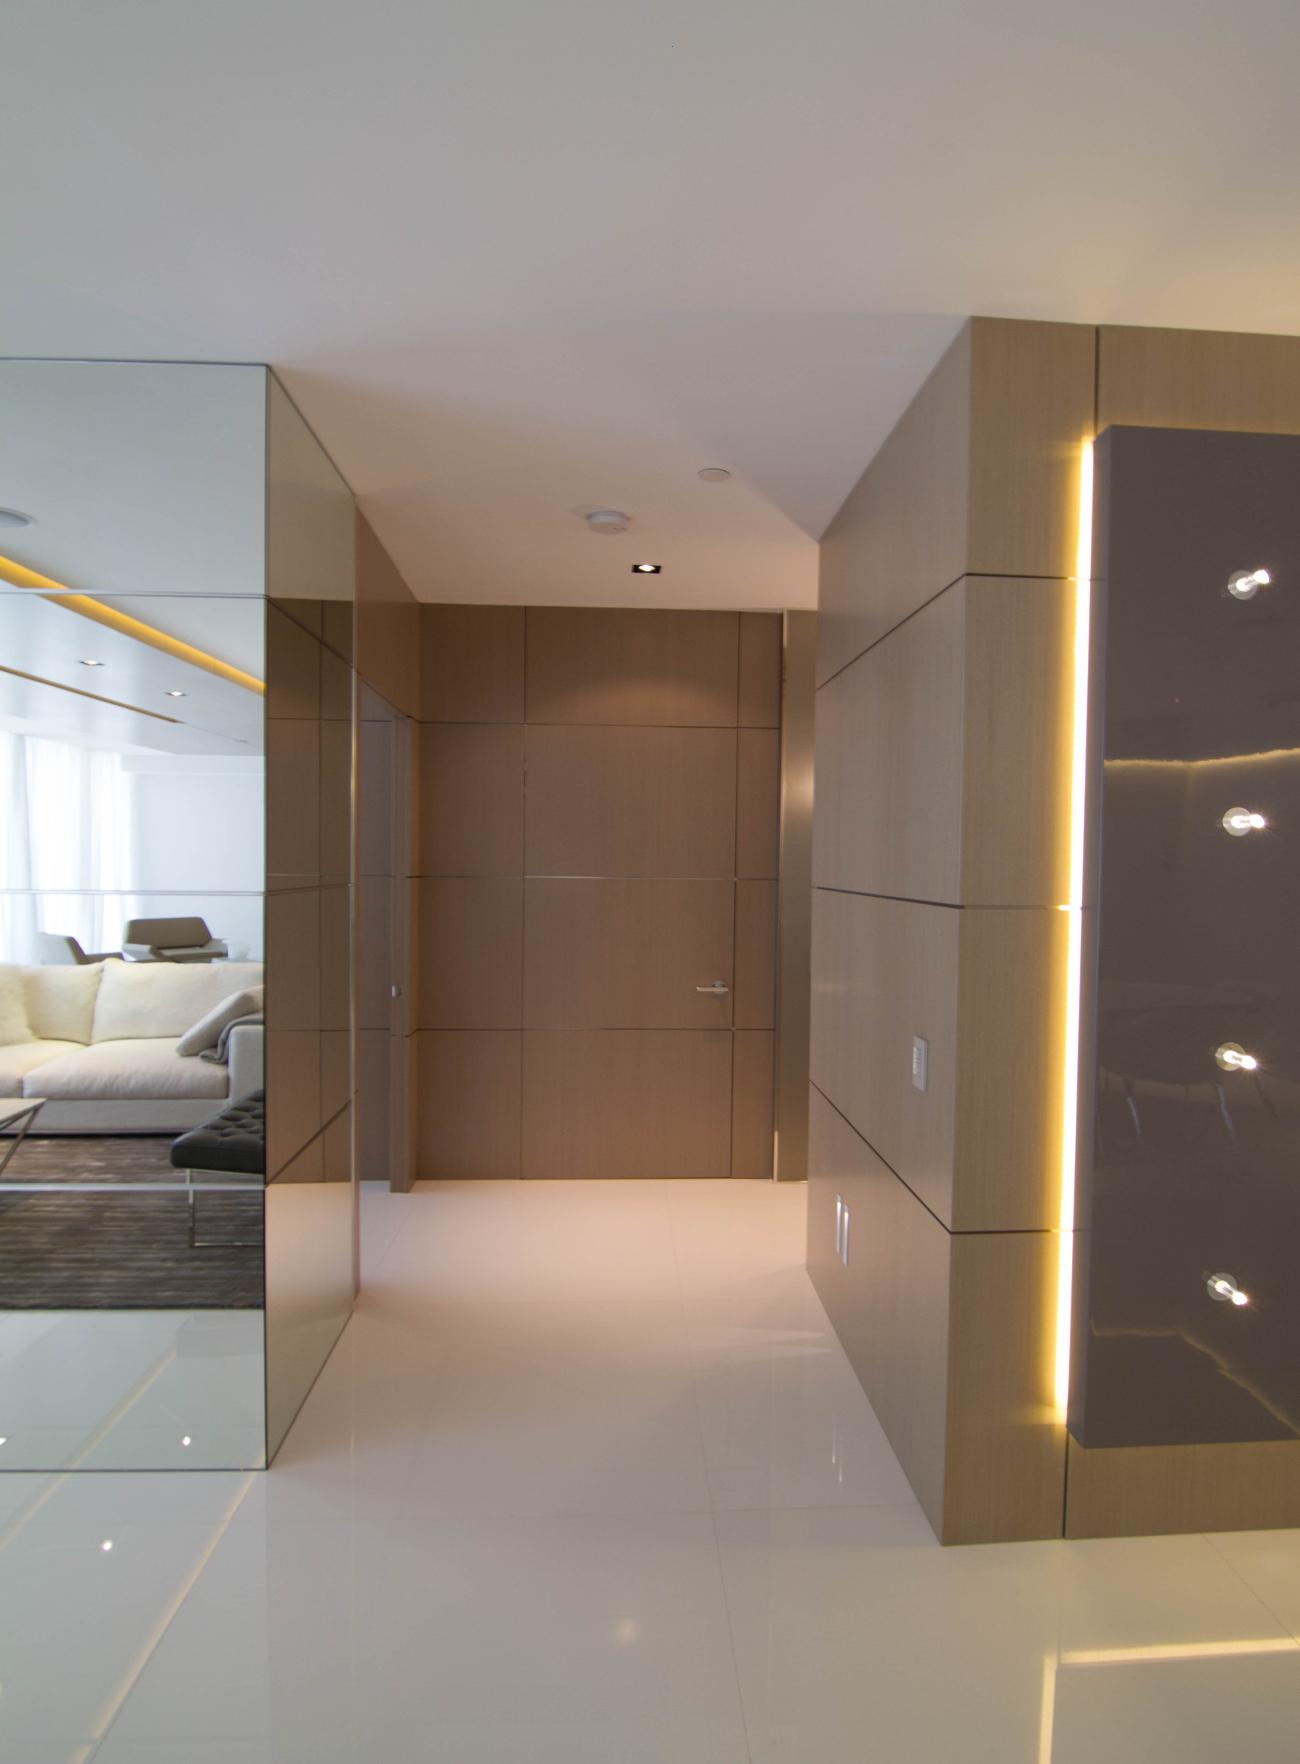 dolce-vita-design-interior-designer-miami-fl-florida-kenilworth-16-rsc2